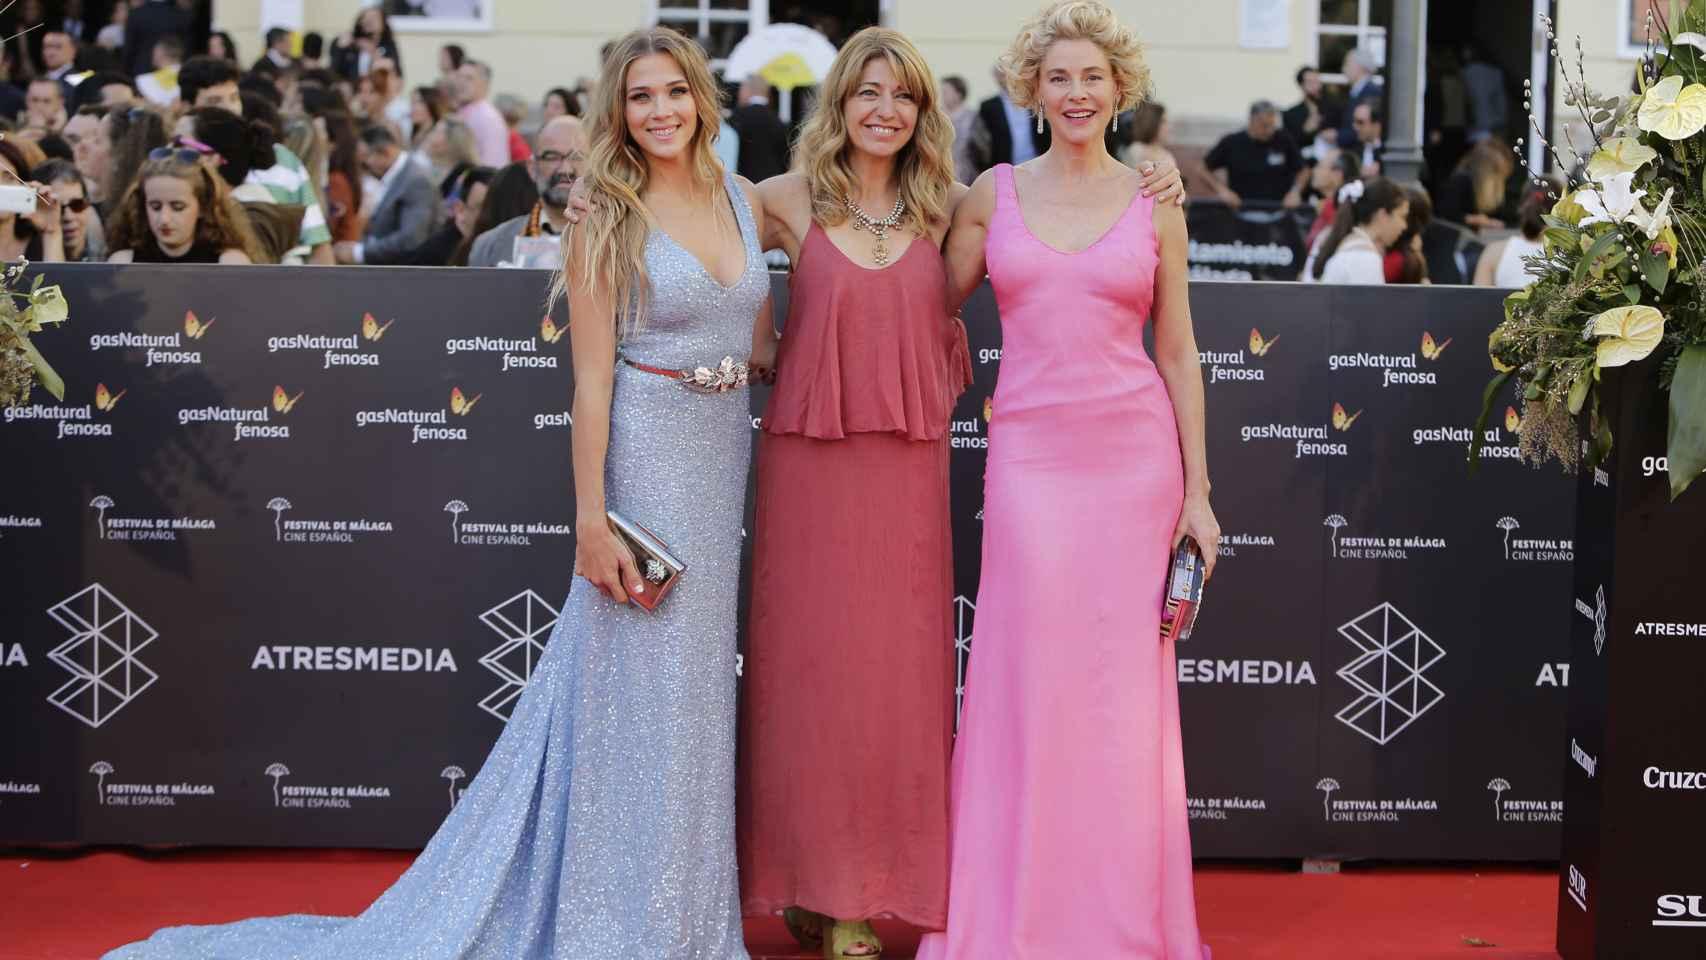 Patricia Montero, Inés París y Belén Rueda en la alfombra roja del Festival